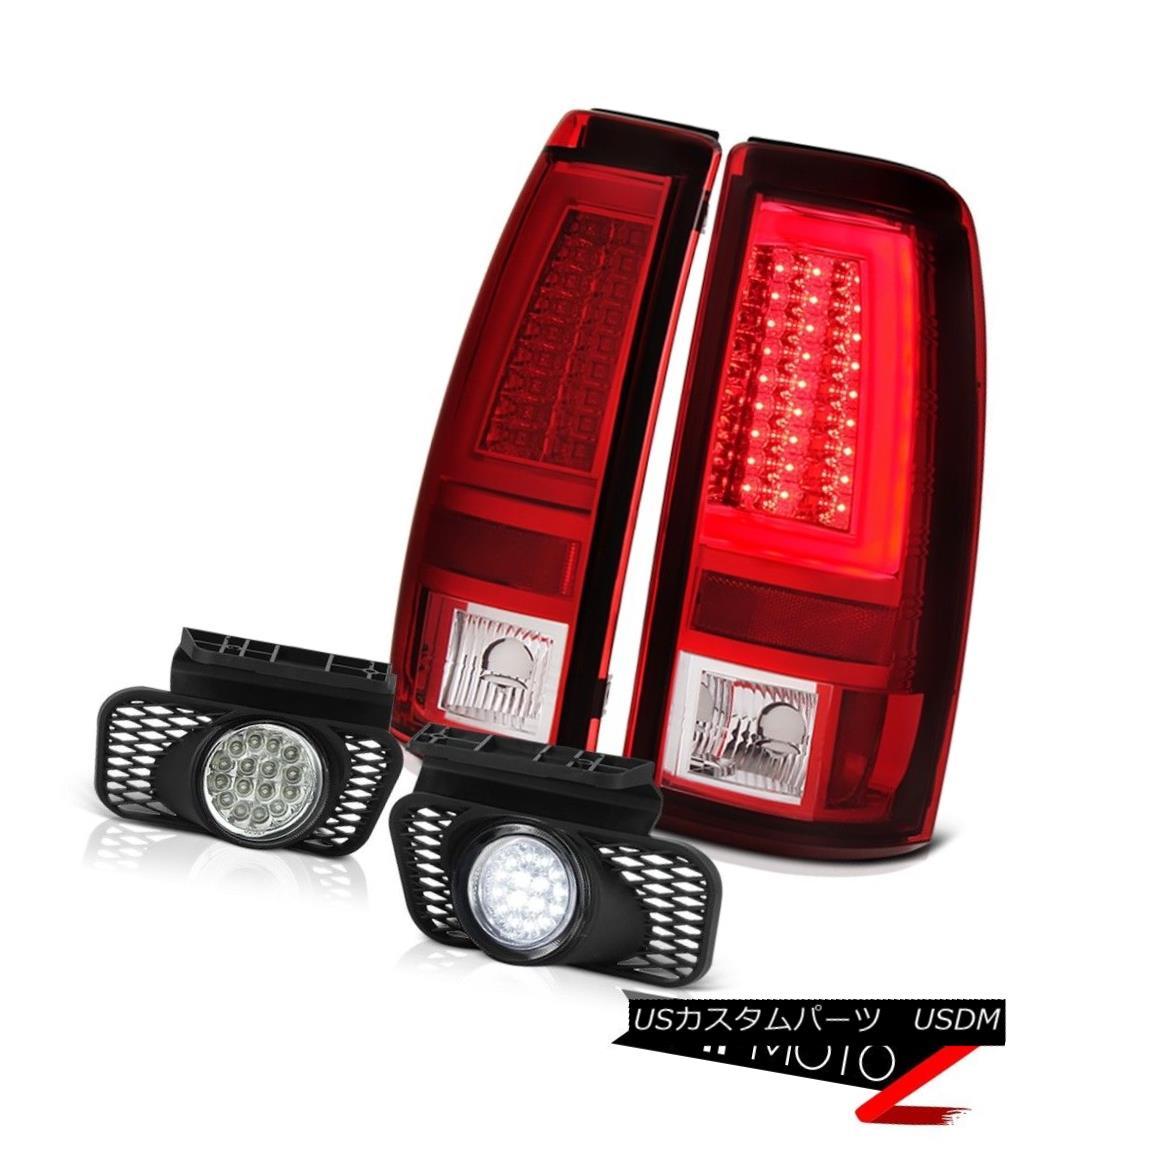 テールライト 03 04 05 06 Chevy Silverado 2500Hd Tail Lights Chrome Foglights Light Bar DRL 03 04 05 06 Chevy Silverado 2500HdテールライトChrome FoglightsライトバーDRL